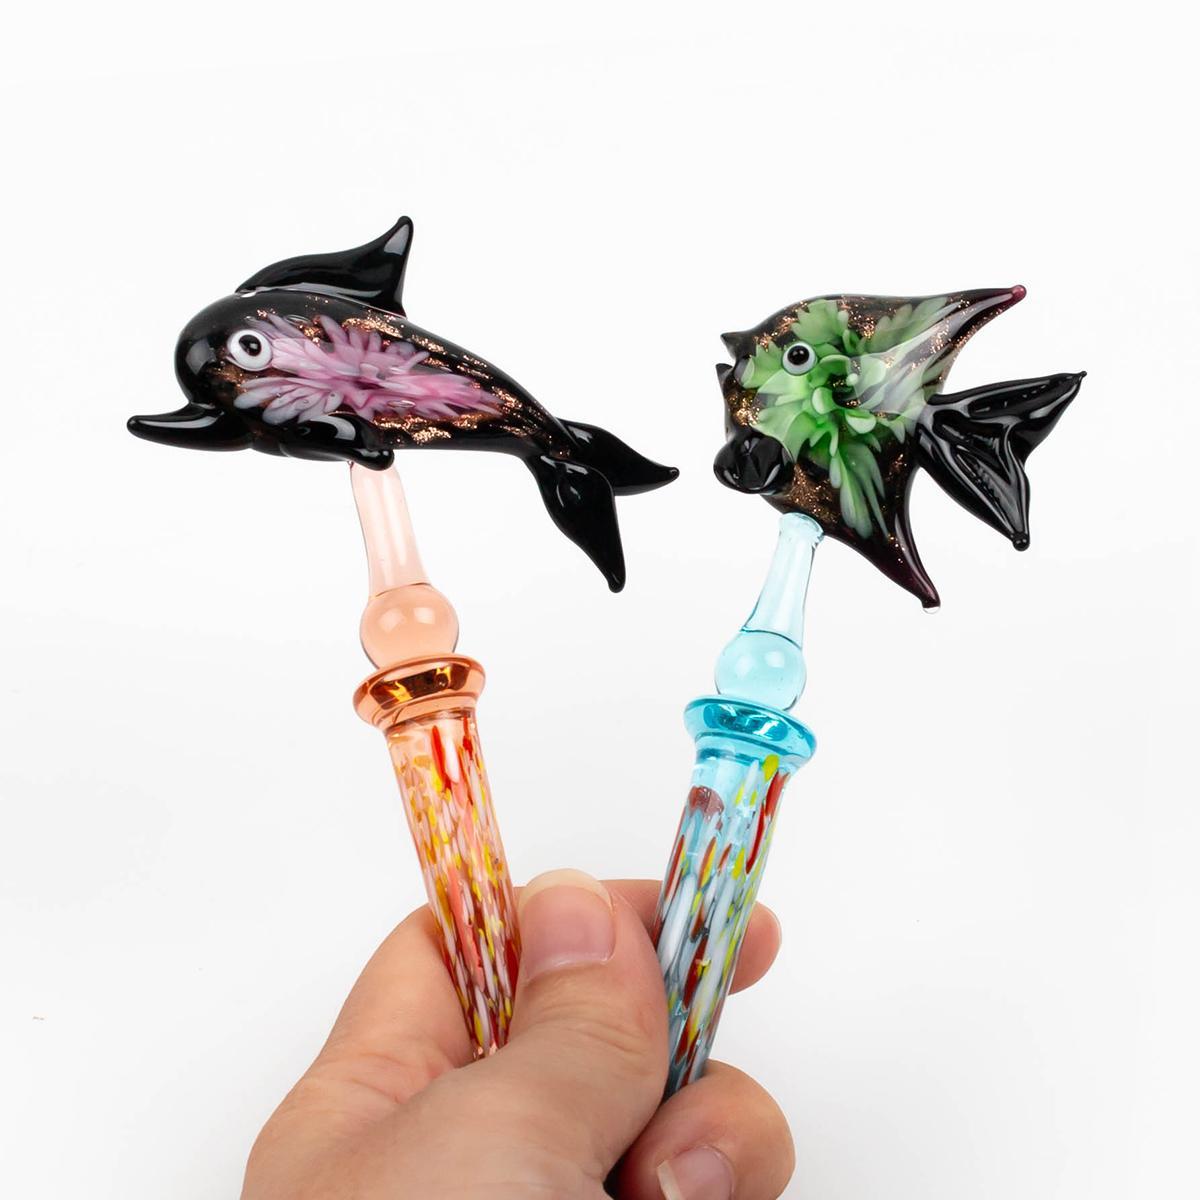 Neueste bong dabber Werkzeuge Tiere Muster Stil carb Kappe für Glas Bohrinseln Abtupfen Schnitzen Werkzeug für E Nägel Kit Quarz banger Dab Nagel